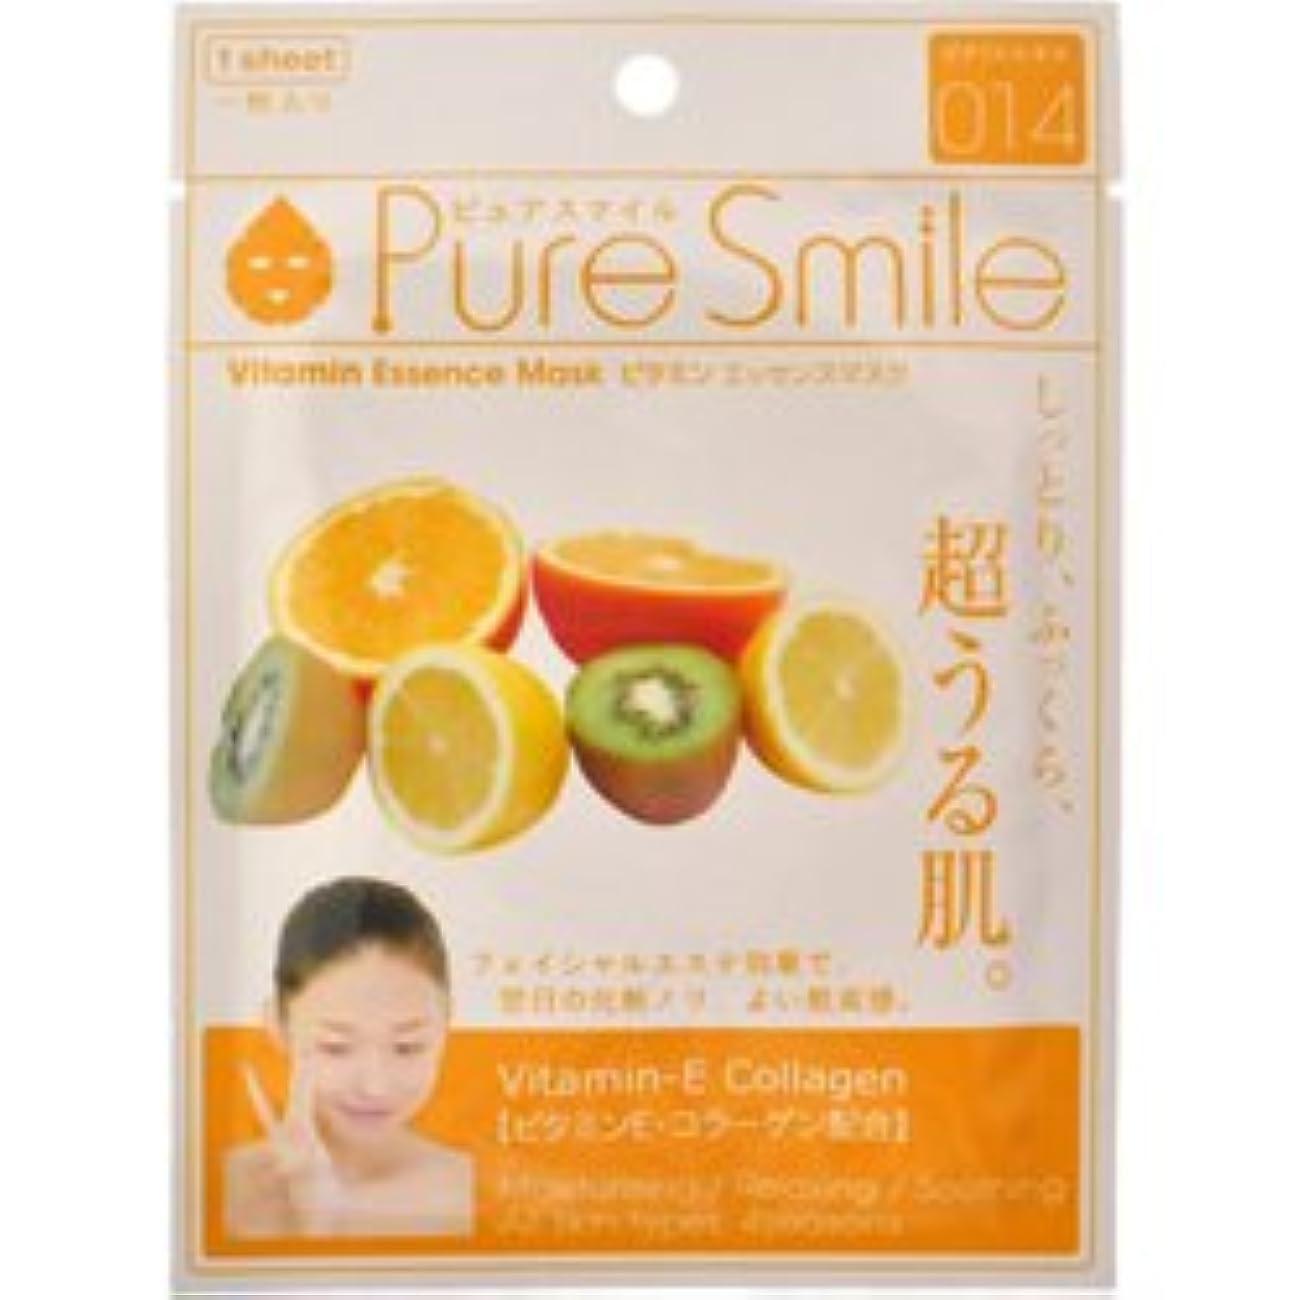 資格一掃する療法【サンスマイル】エッセンスマスク ビタミン 1枚 ×5個セット